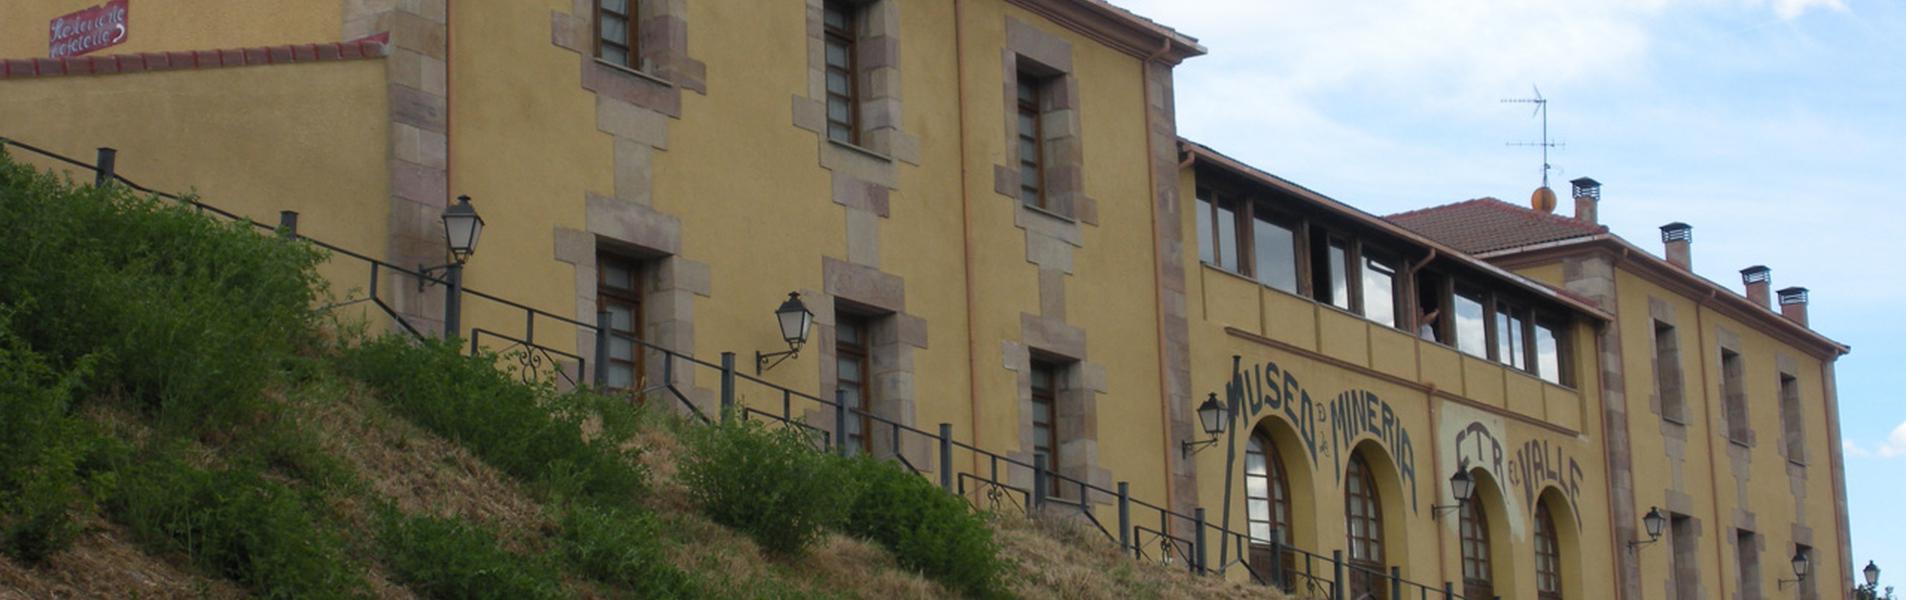 Barruelo de Santullán